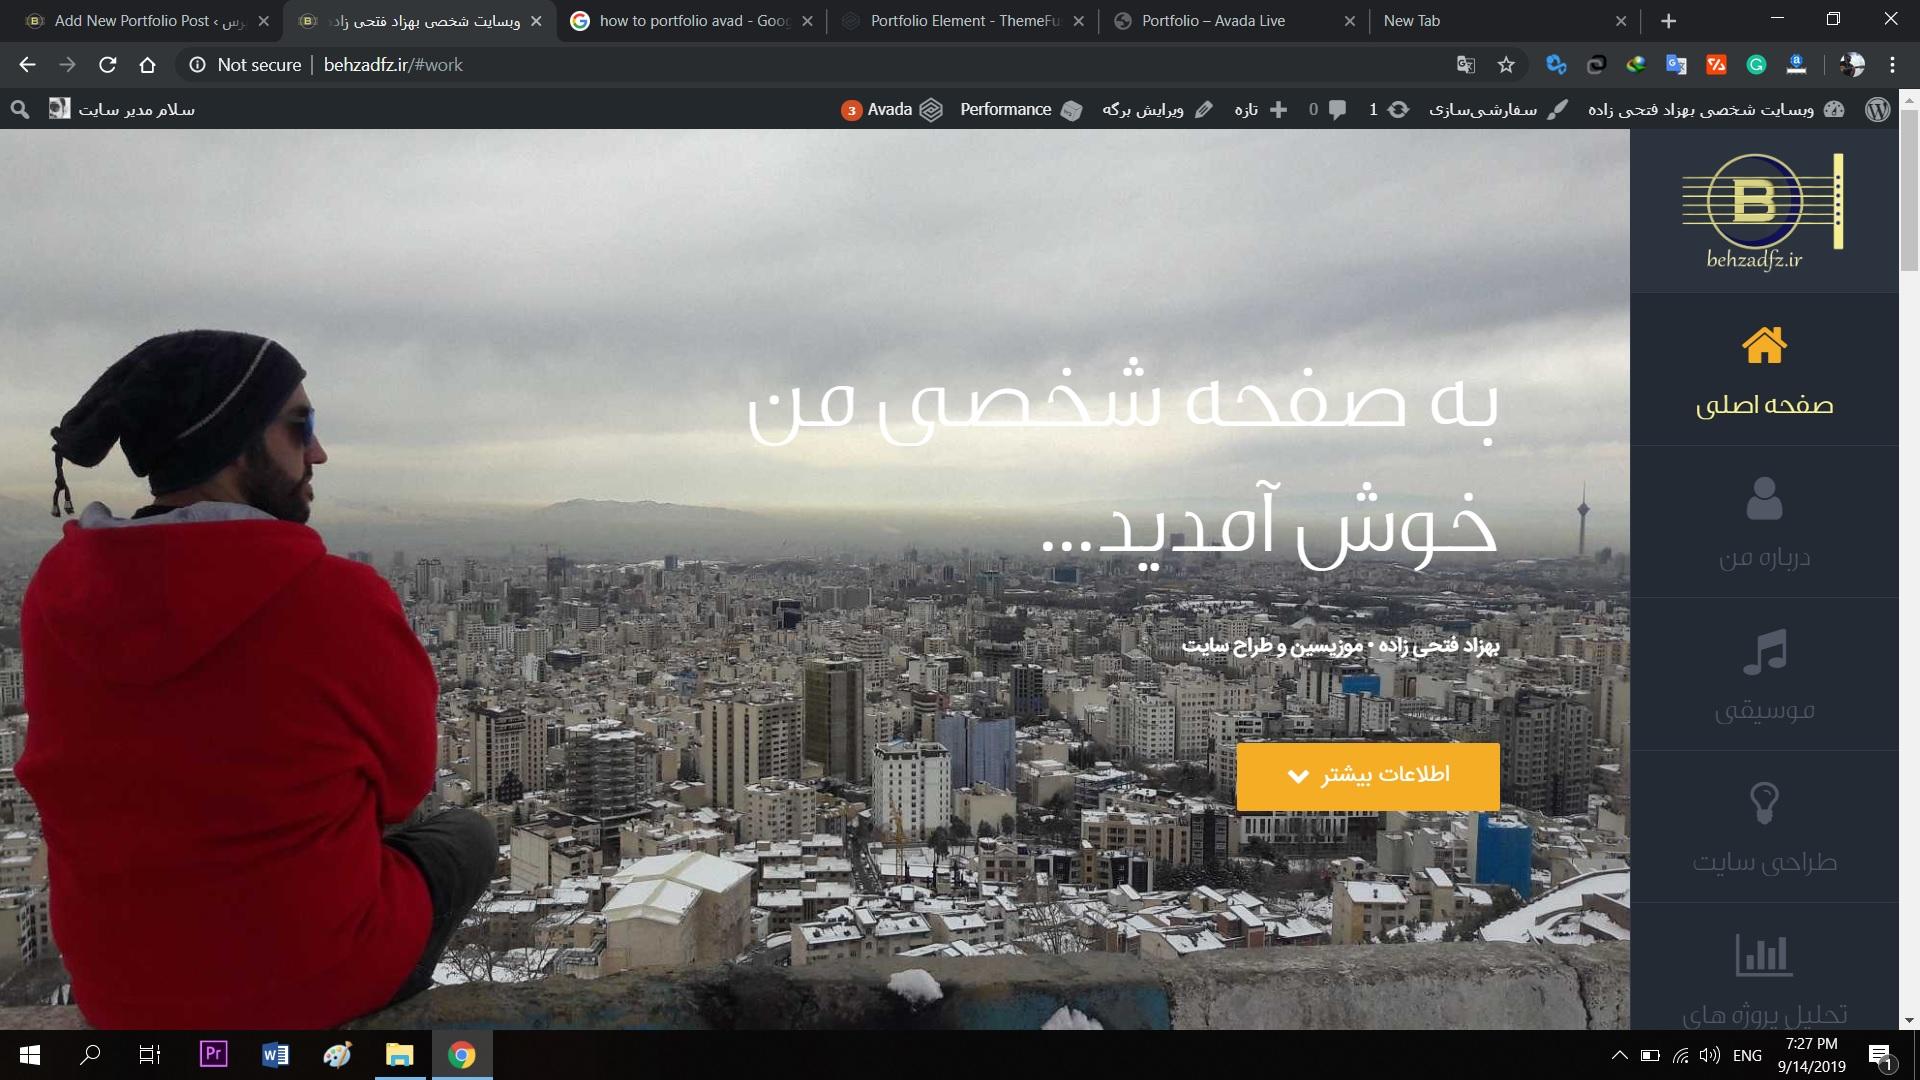 وبسایت شخصی بهزاد فتحی زاده